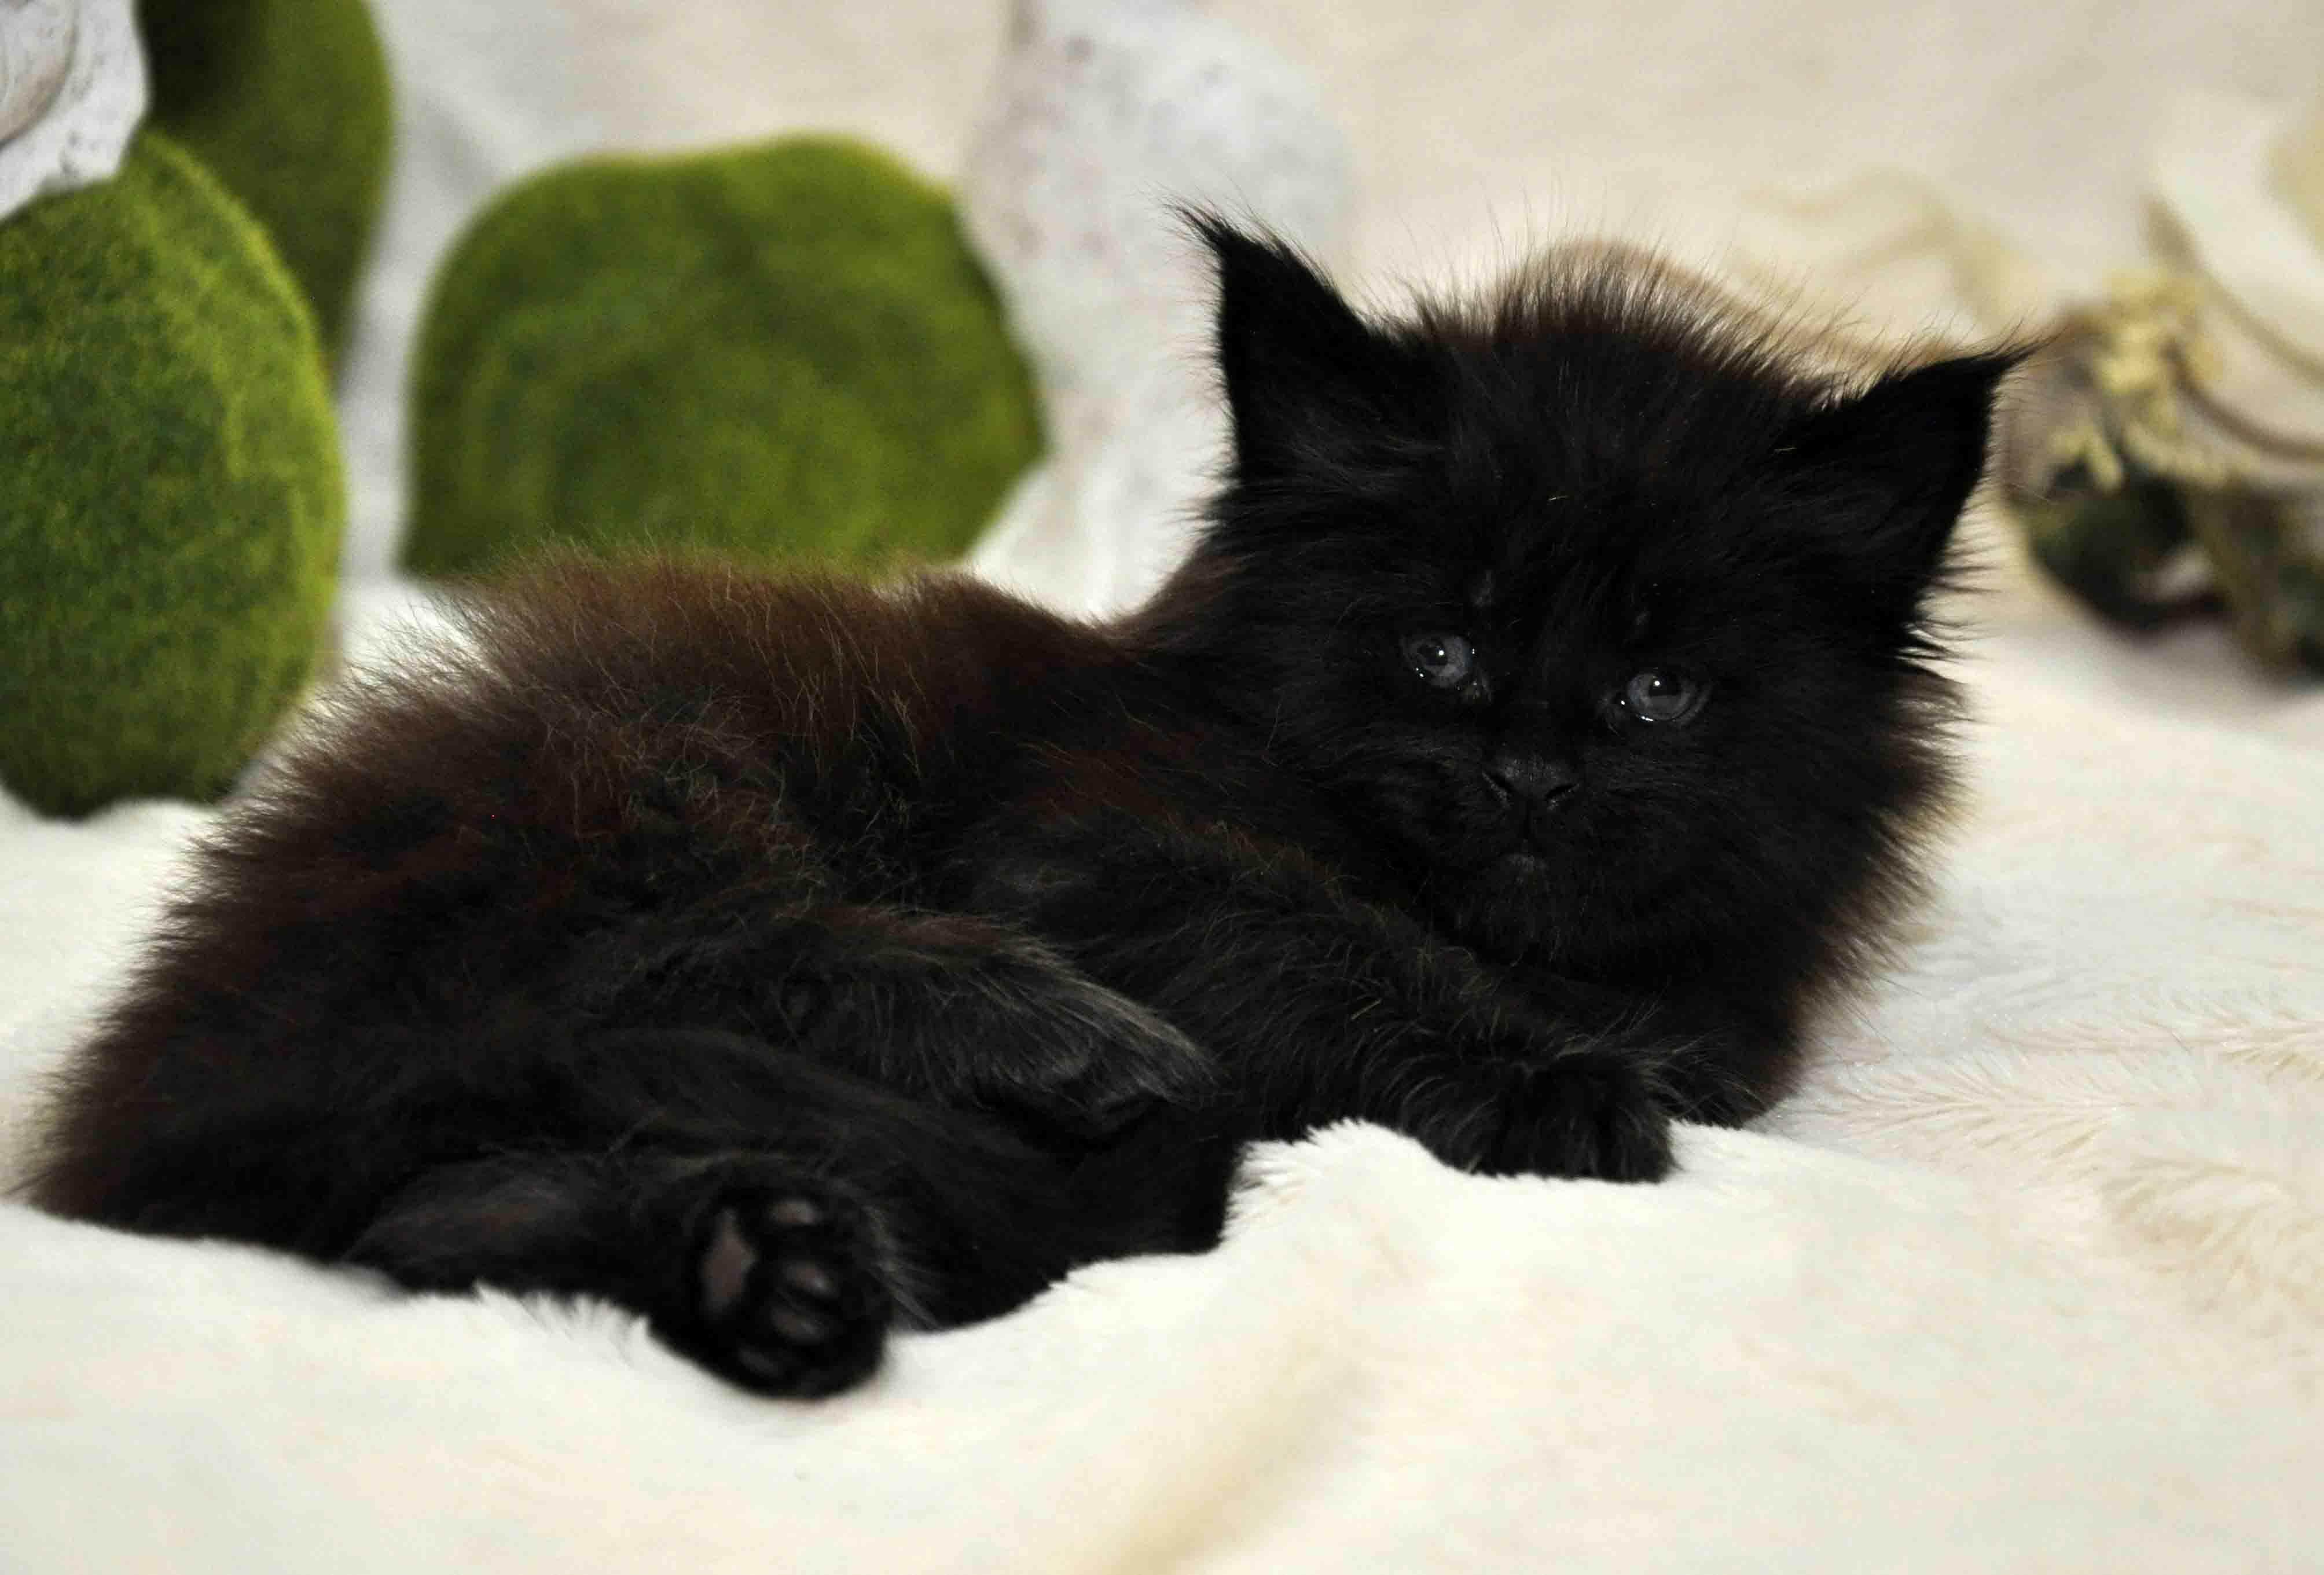 кот мейн-кун 3 фото